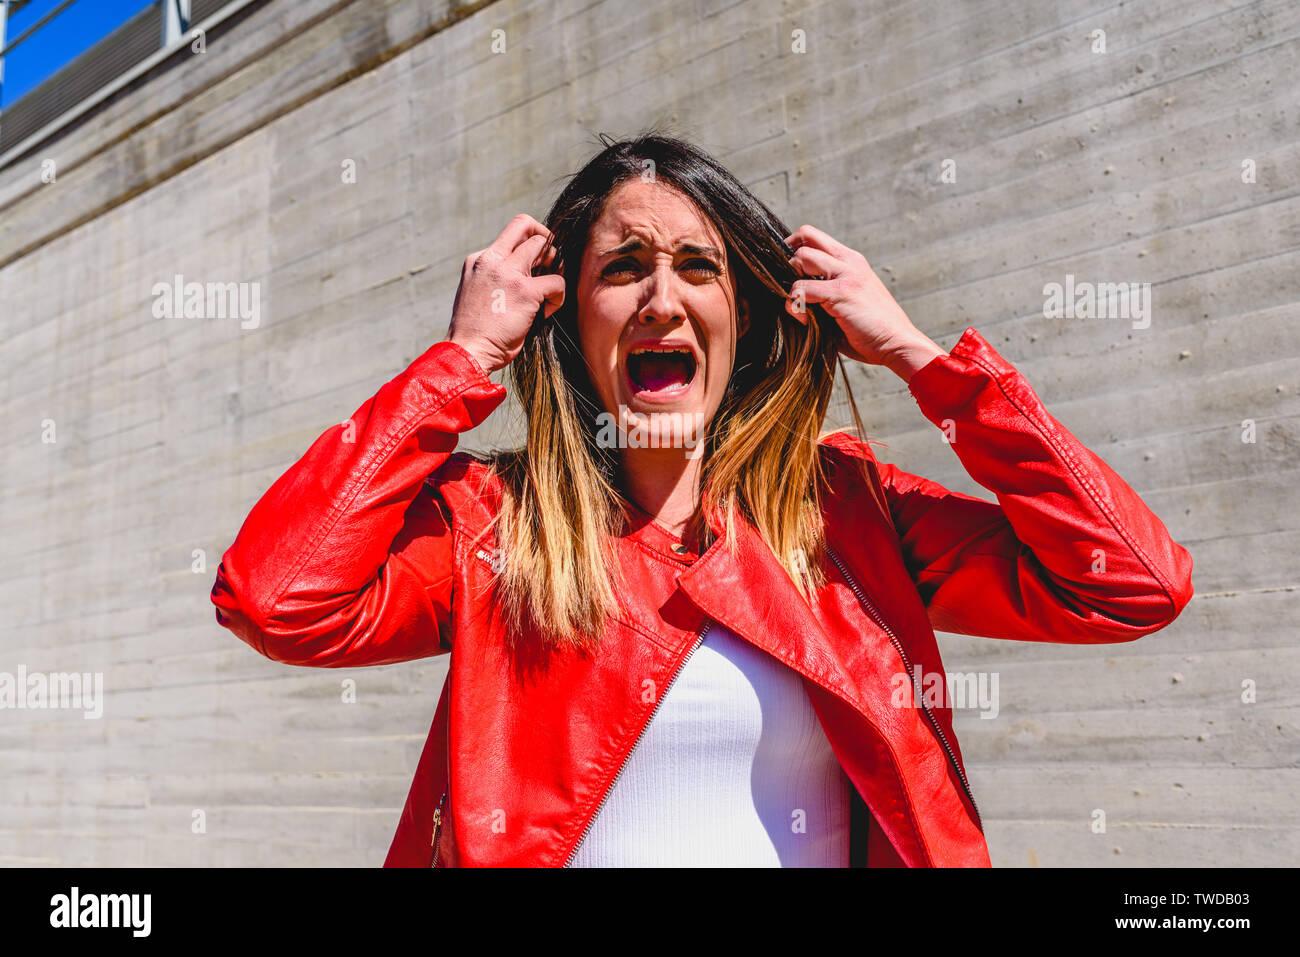 Portrait von Frau mit Geste der Angst und Schrecken, wenn Zeugen eines Unfalls. Stockbild